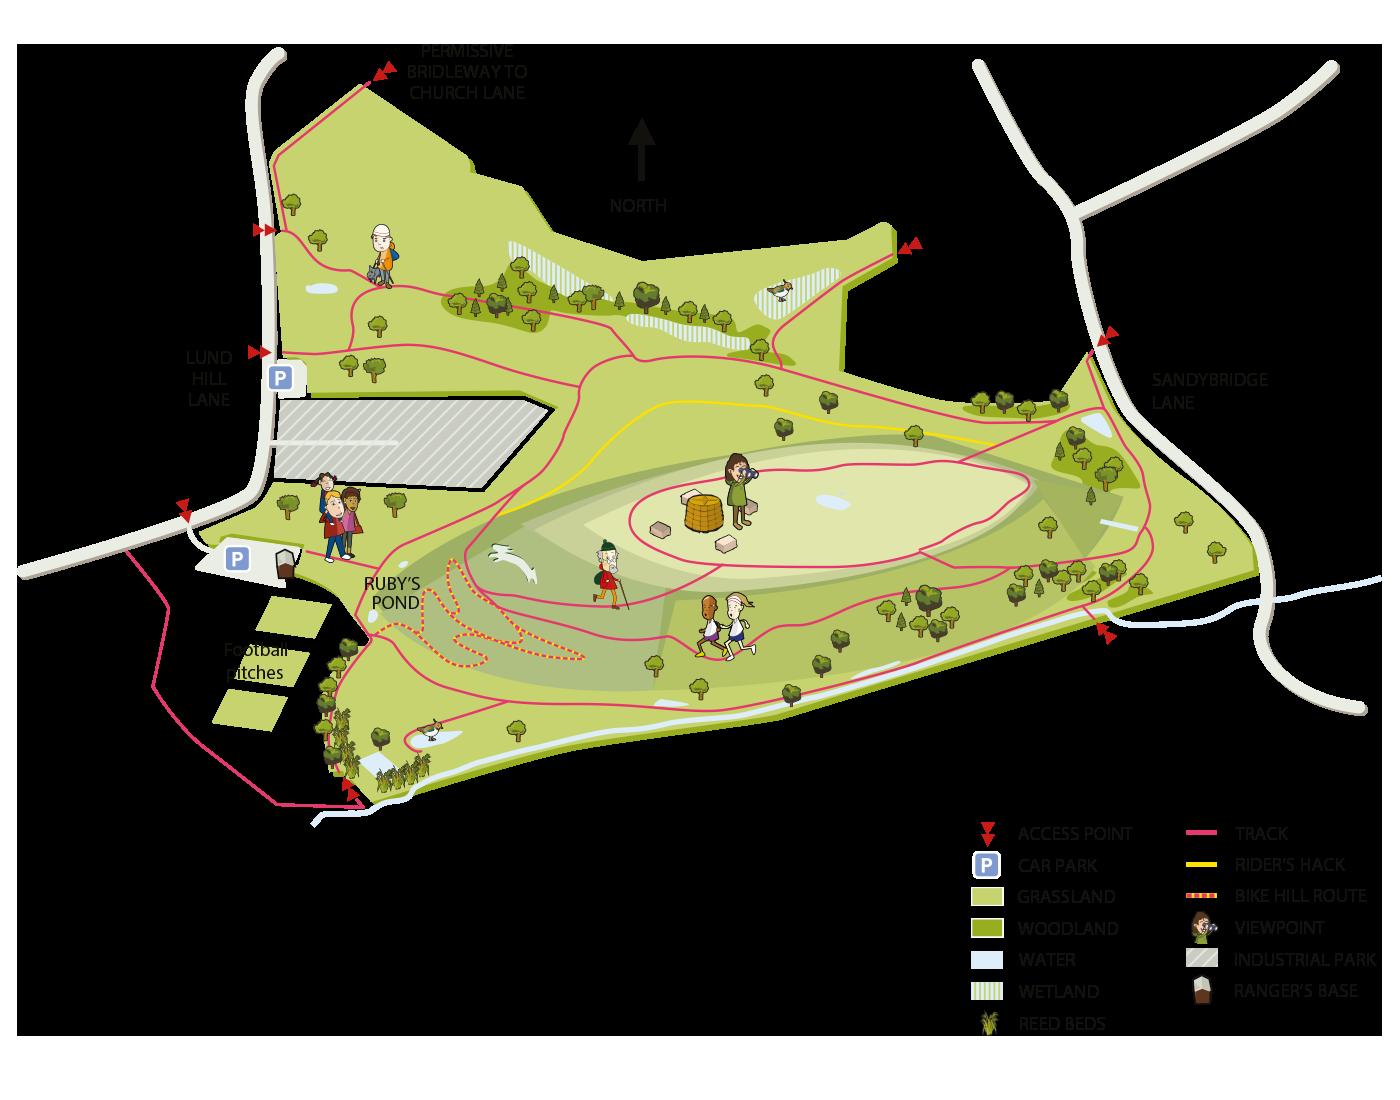 Map of Rabbit Ings